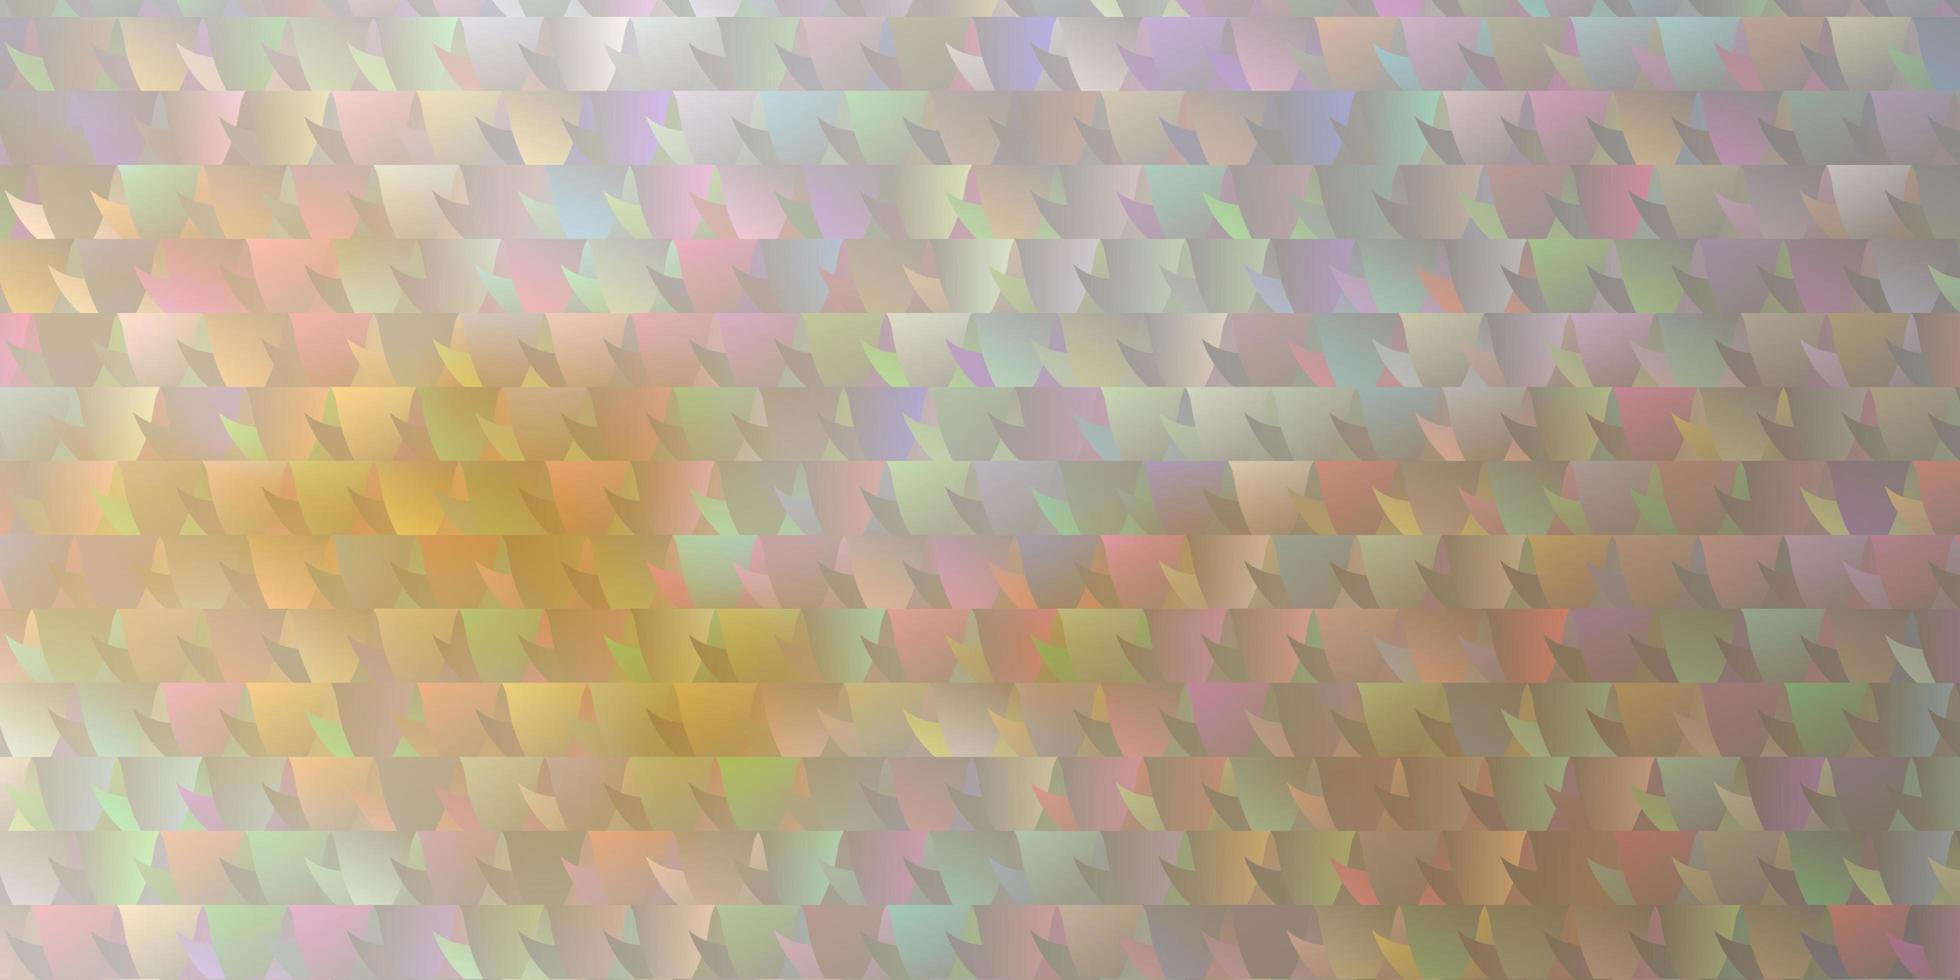 hellorange Vektorlayout mit Linien, Dreiecken. vektor